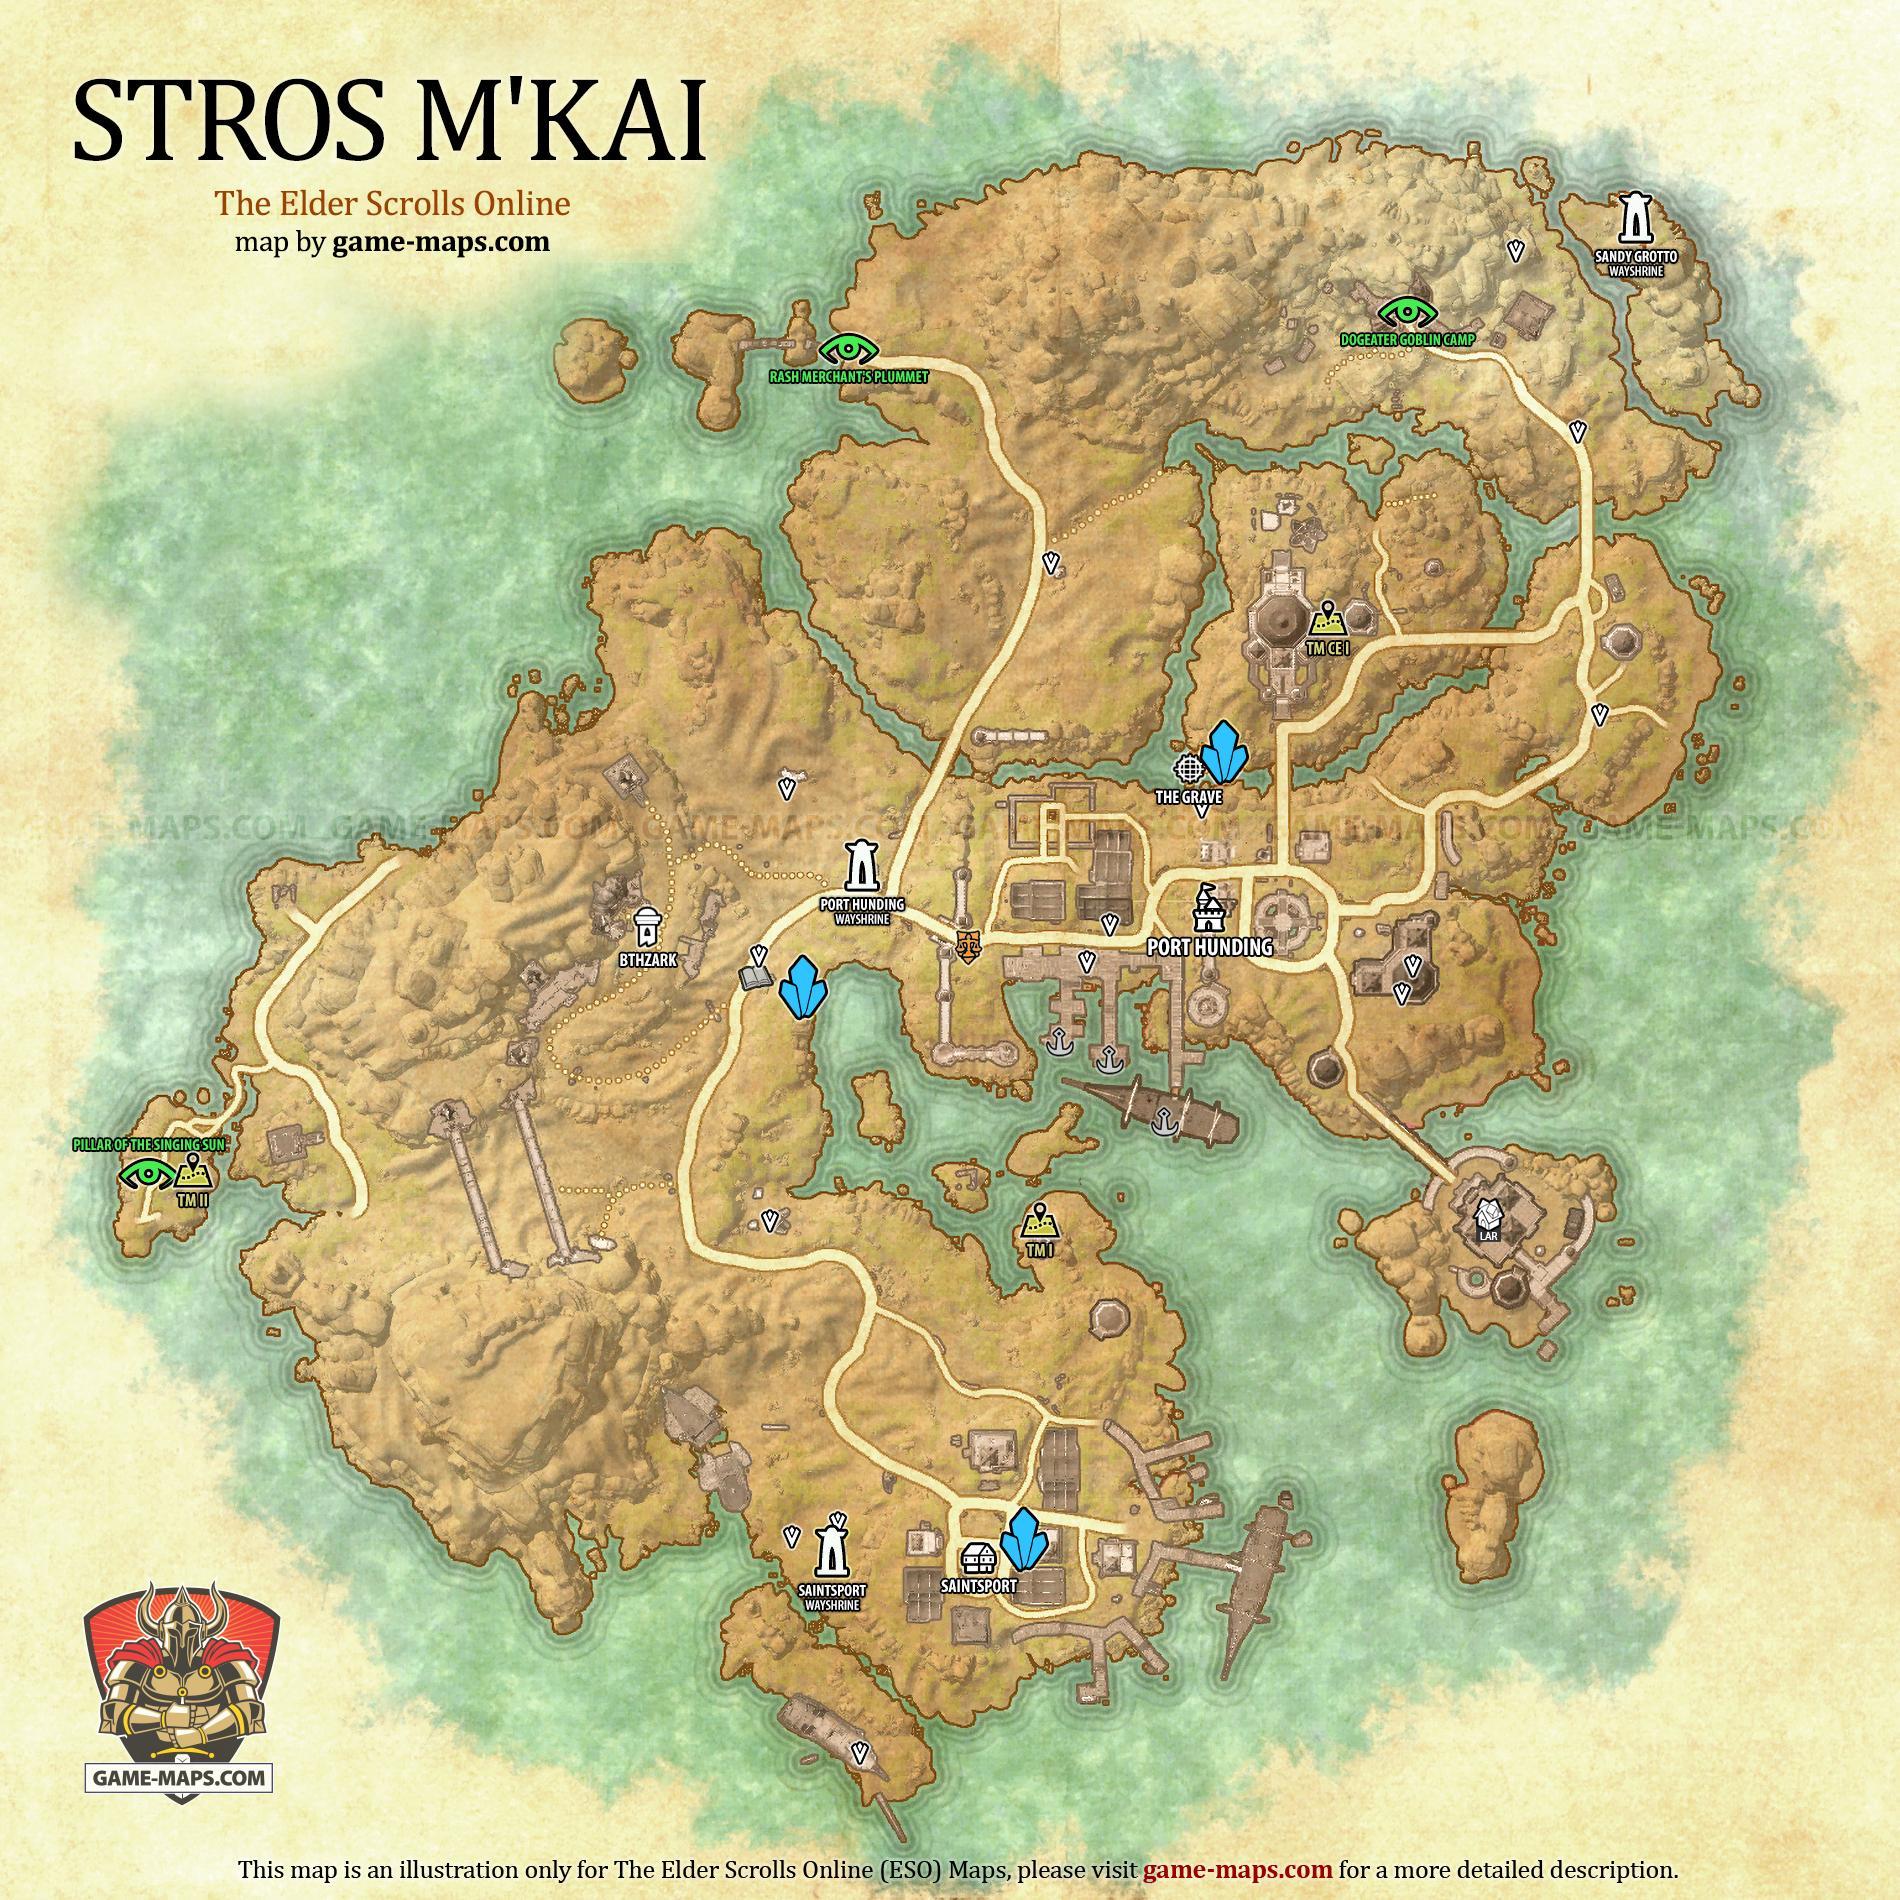 Stros M 39 Kai Map The Elder Scrolls Online game